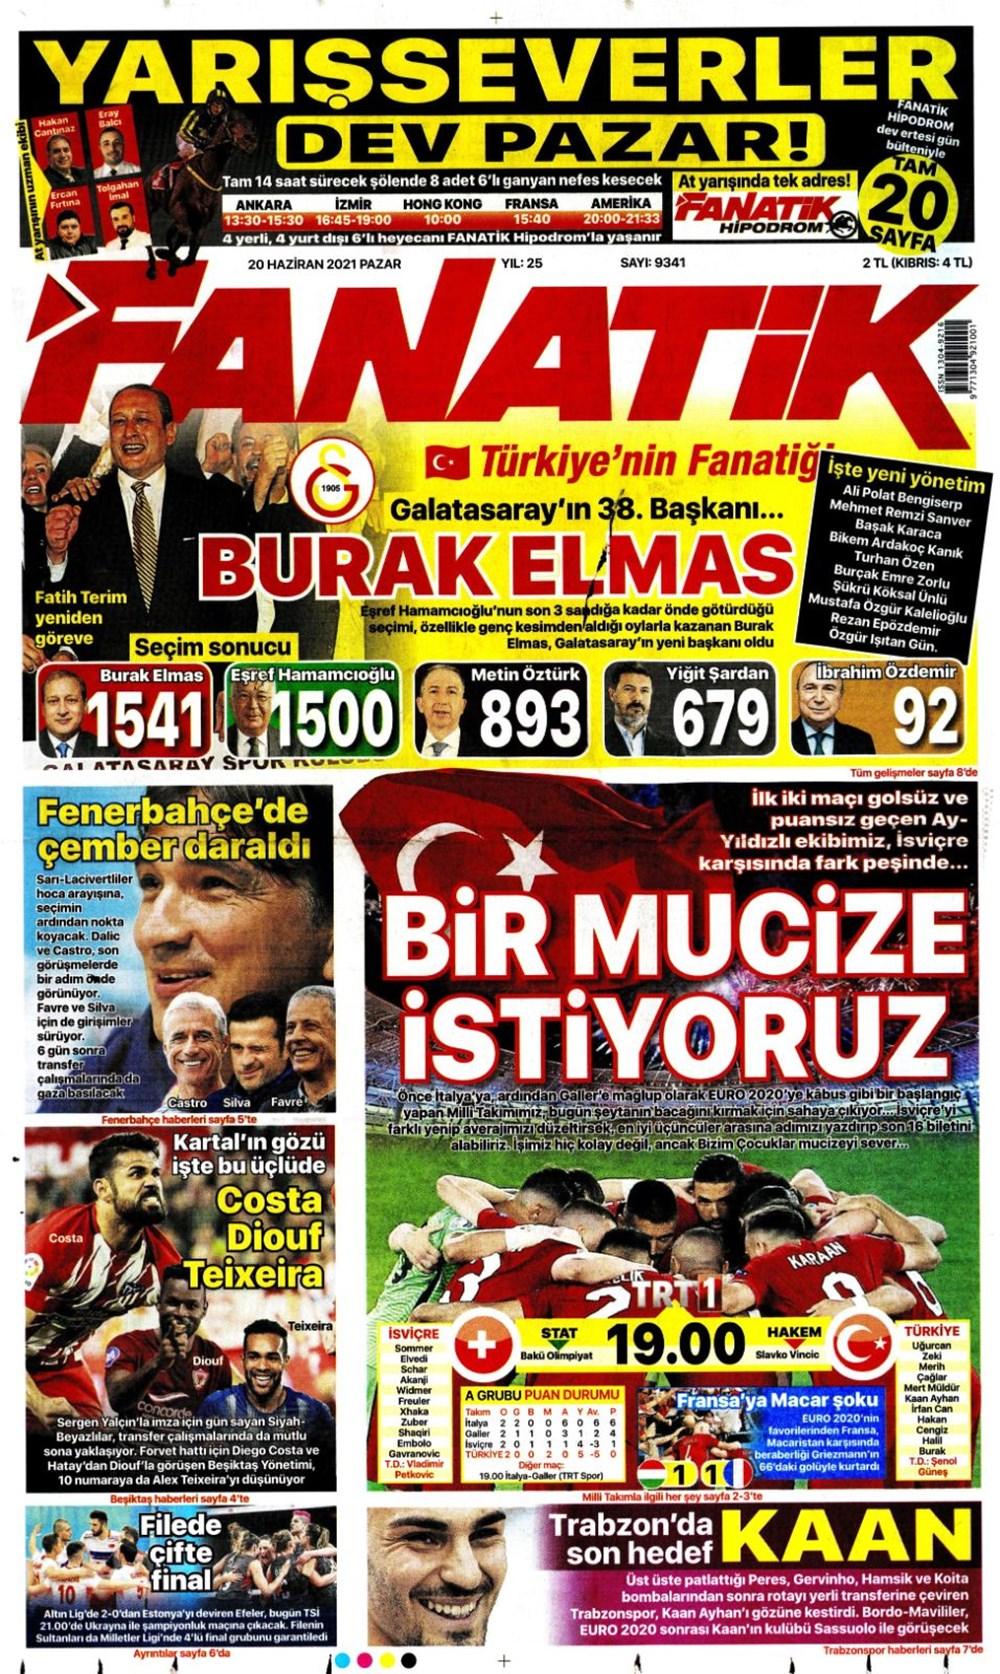 Günün spor manşetleri (20 Haziran 2021) - 3